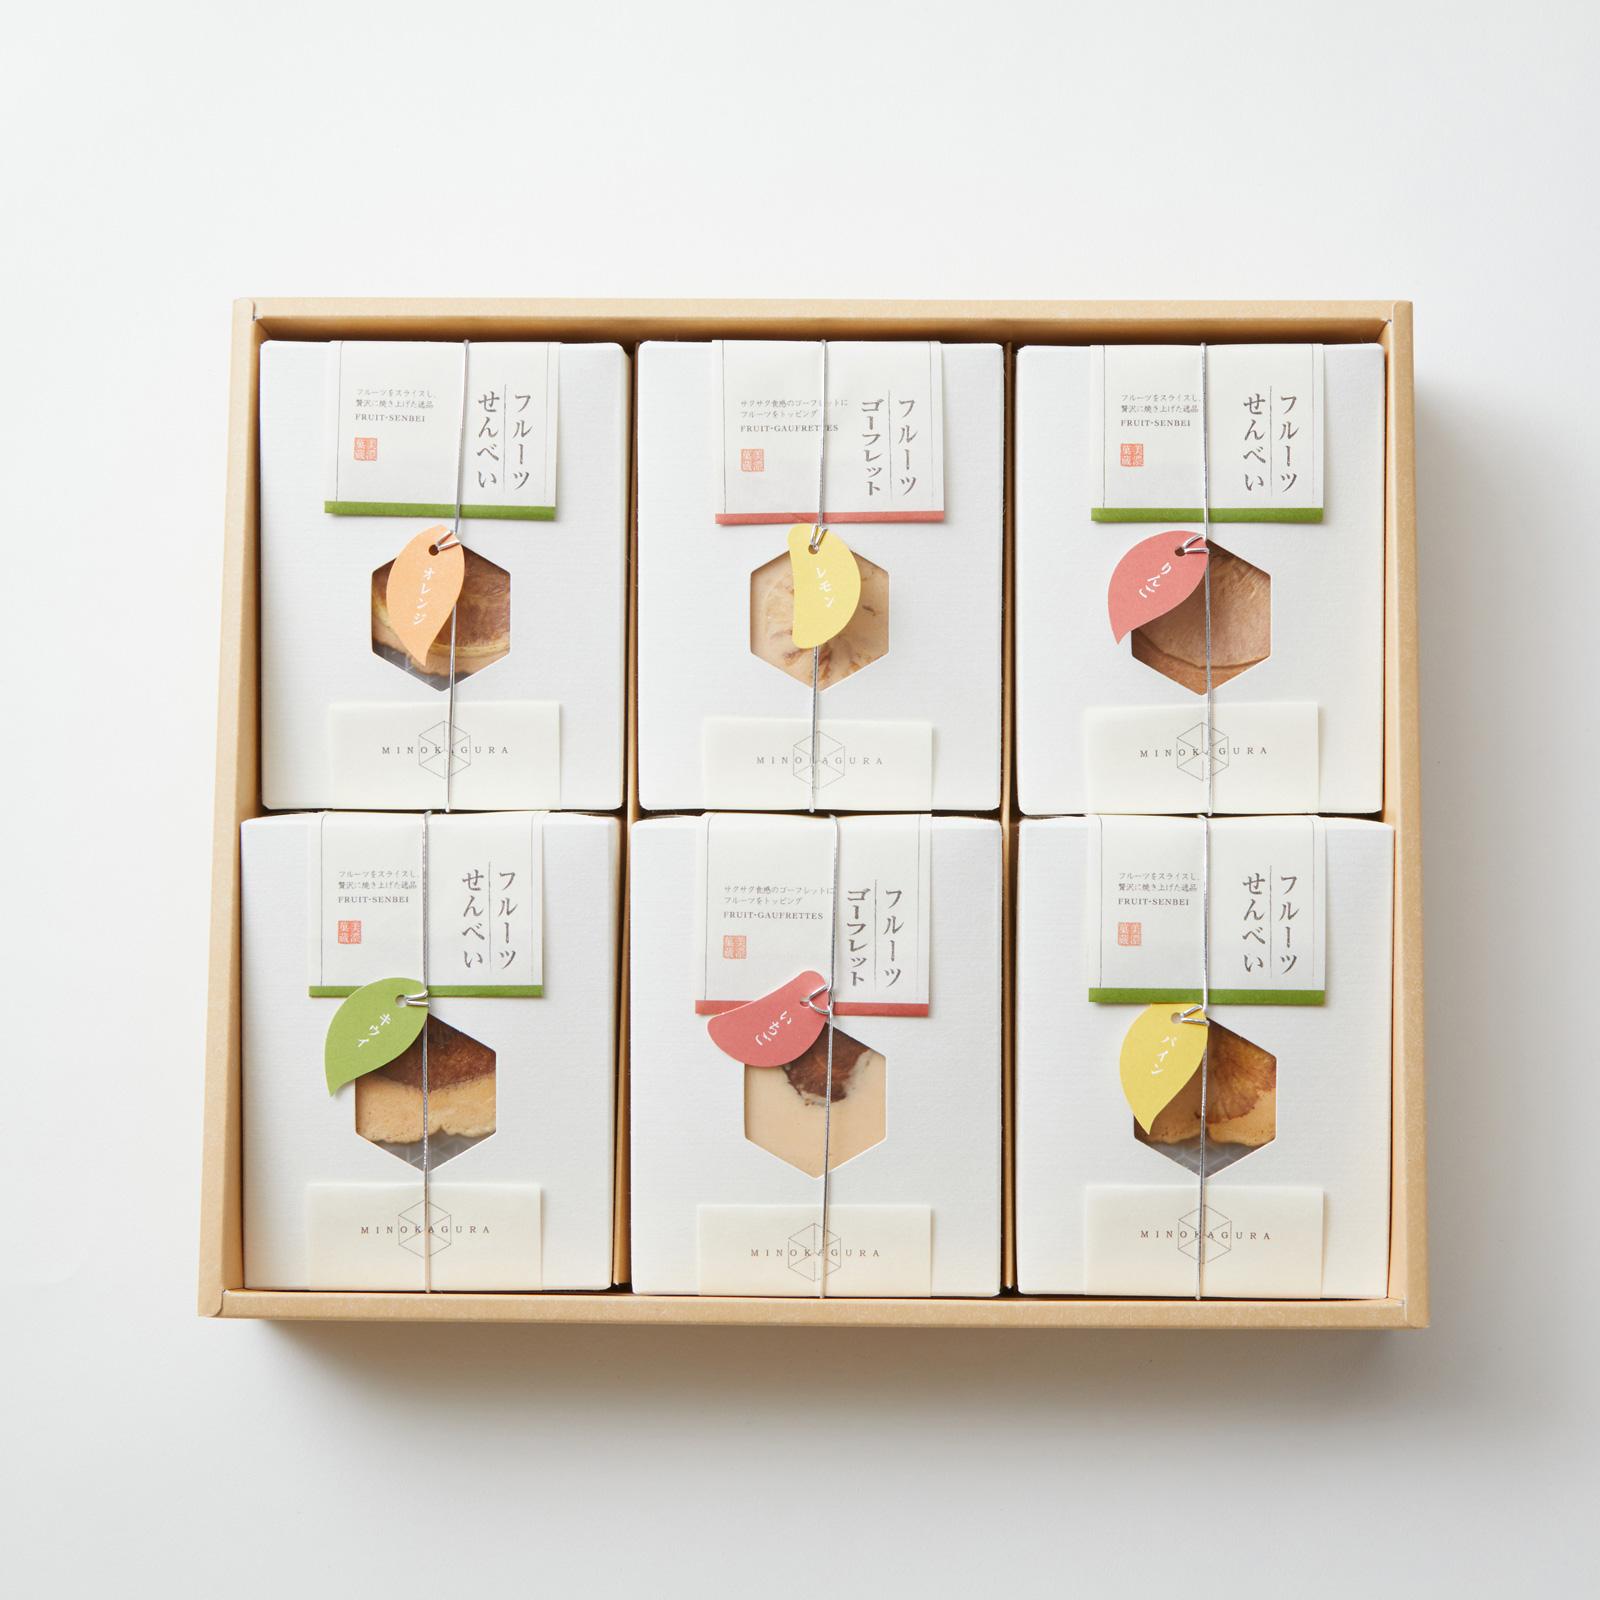 【美濃菓蔵6種入り:34枚】スライスフルーツを載せたはさみ焼きせんべい、フルーツゴーフレット、詰め合わせ